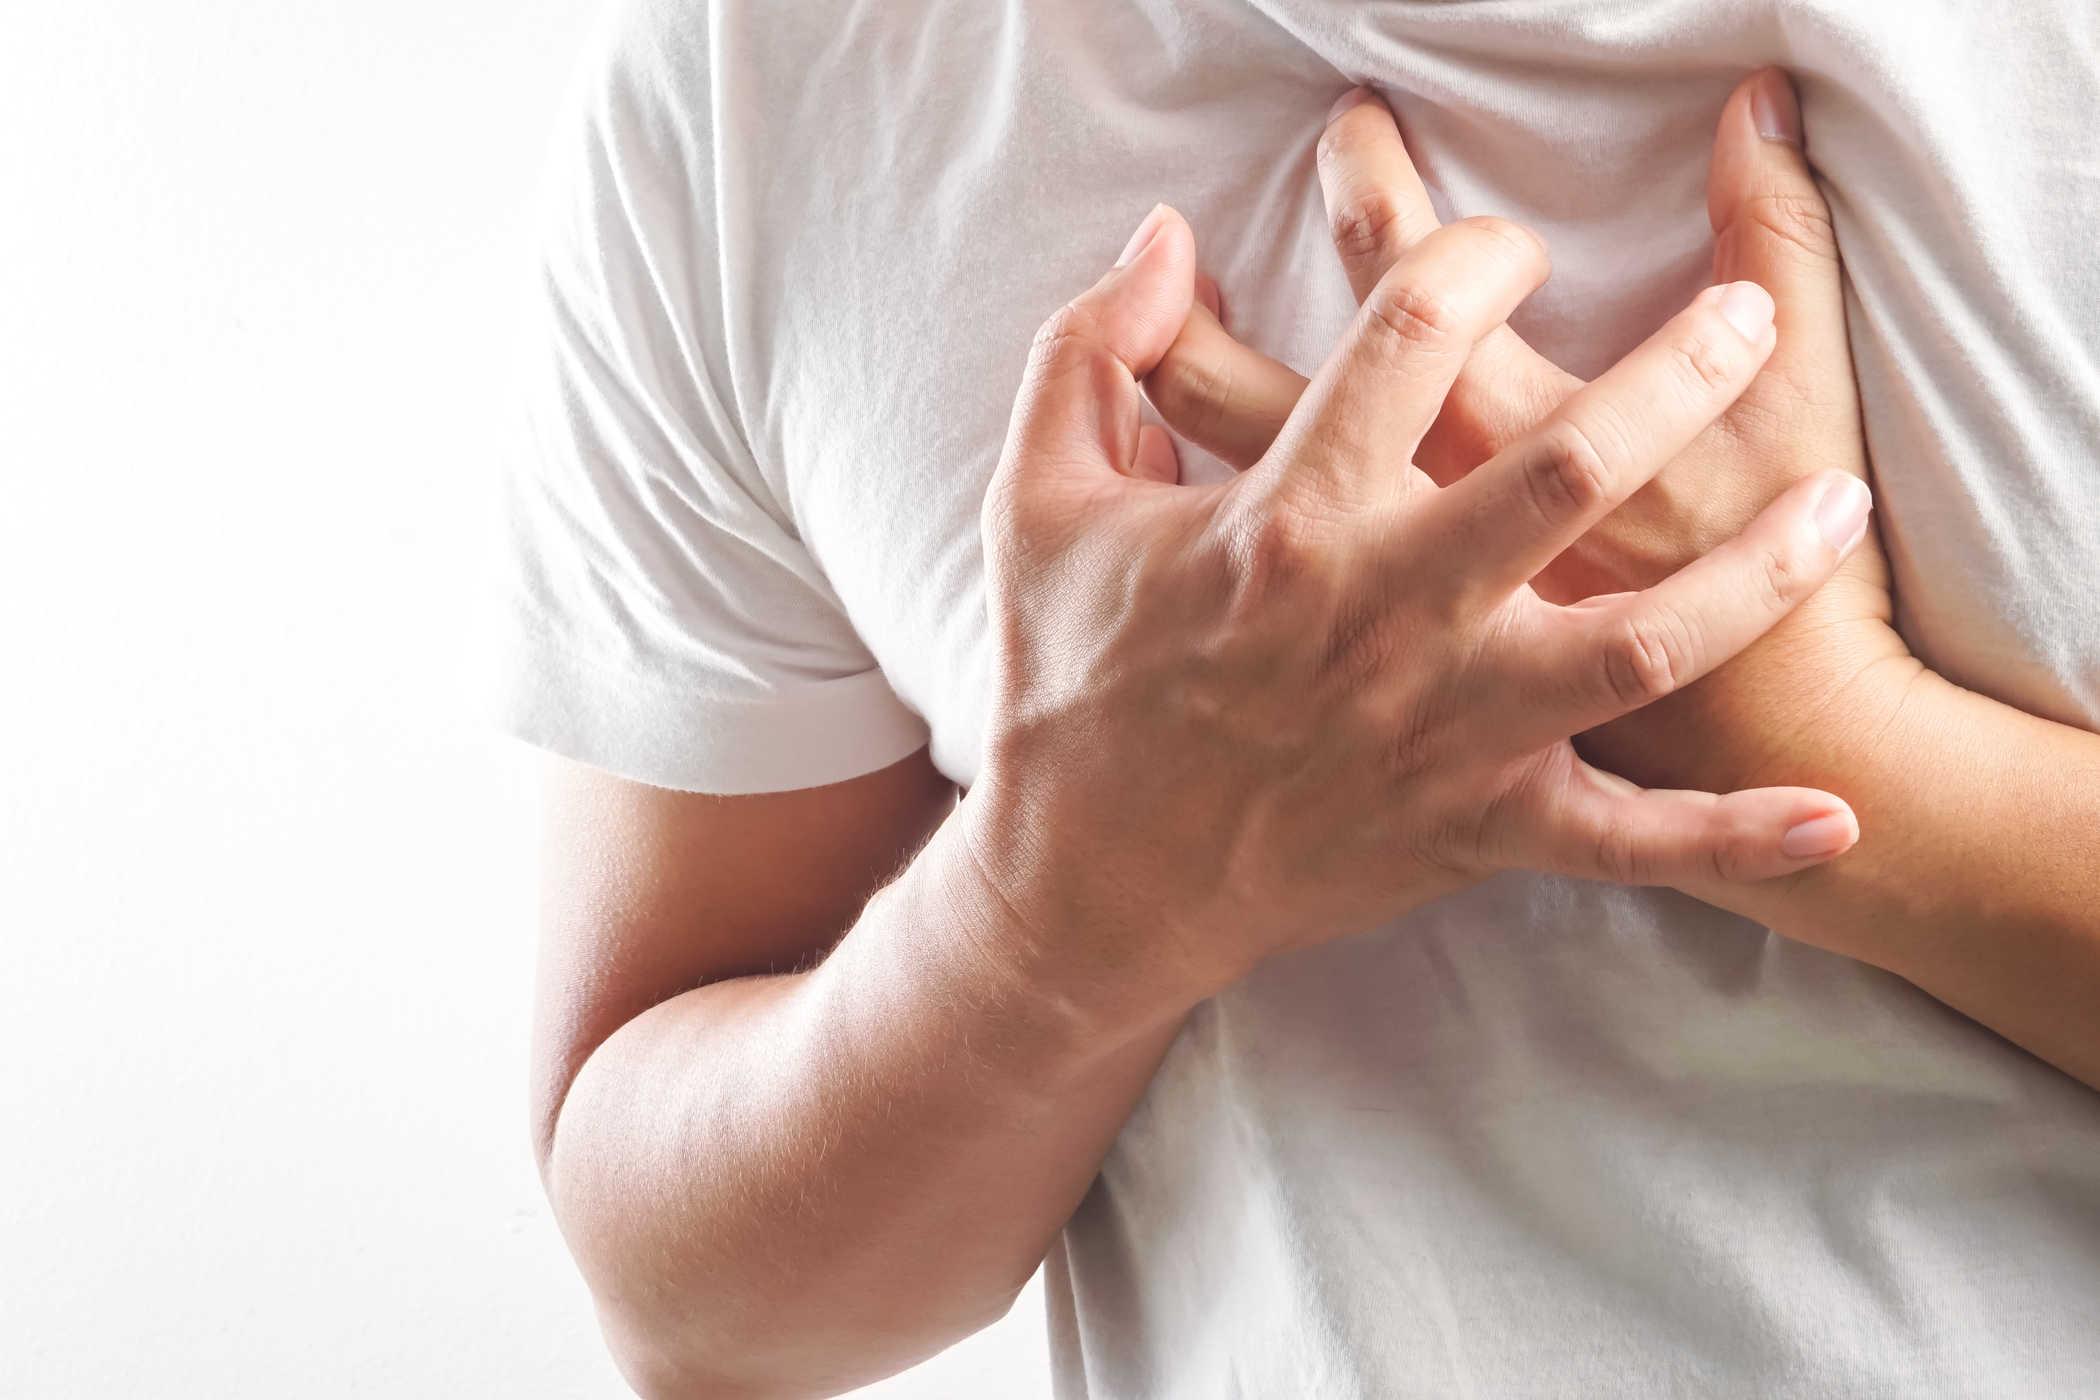 Bệnh Đột Qụy - Bạn Biết Gì Về Bệnh Đột Quỵ Thầm Lặng Chưa?